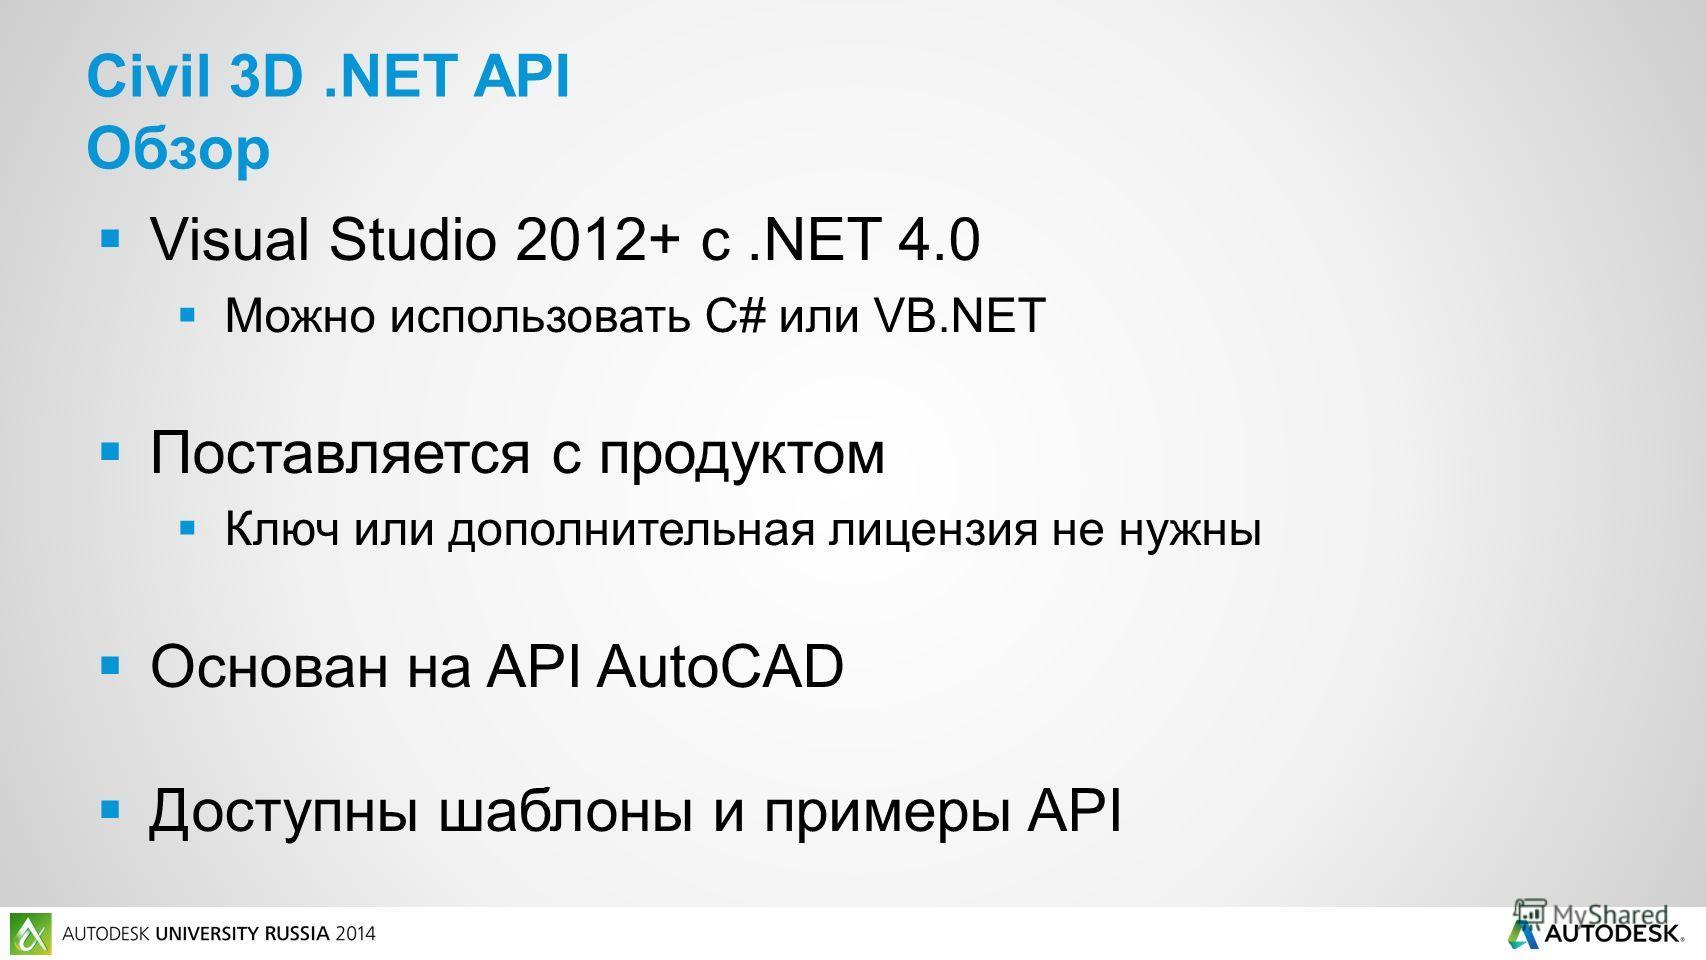 Visual Studio 2012+ с.NET 4.0 Можно использовать C# или VB.NET Поставляется с продуктом Ключ или дополнительная лицензия не нужны Основан на API AutoCAD Доступны шаблоны и примеры API Civil 3D.NET API Обзор